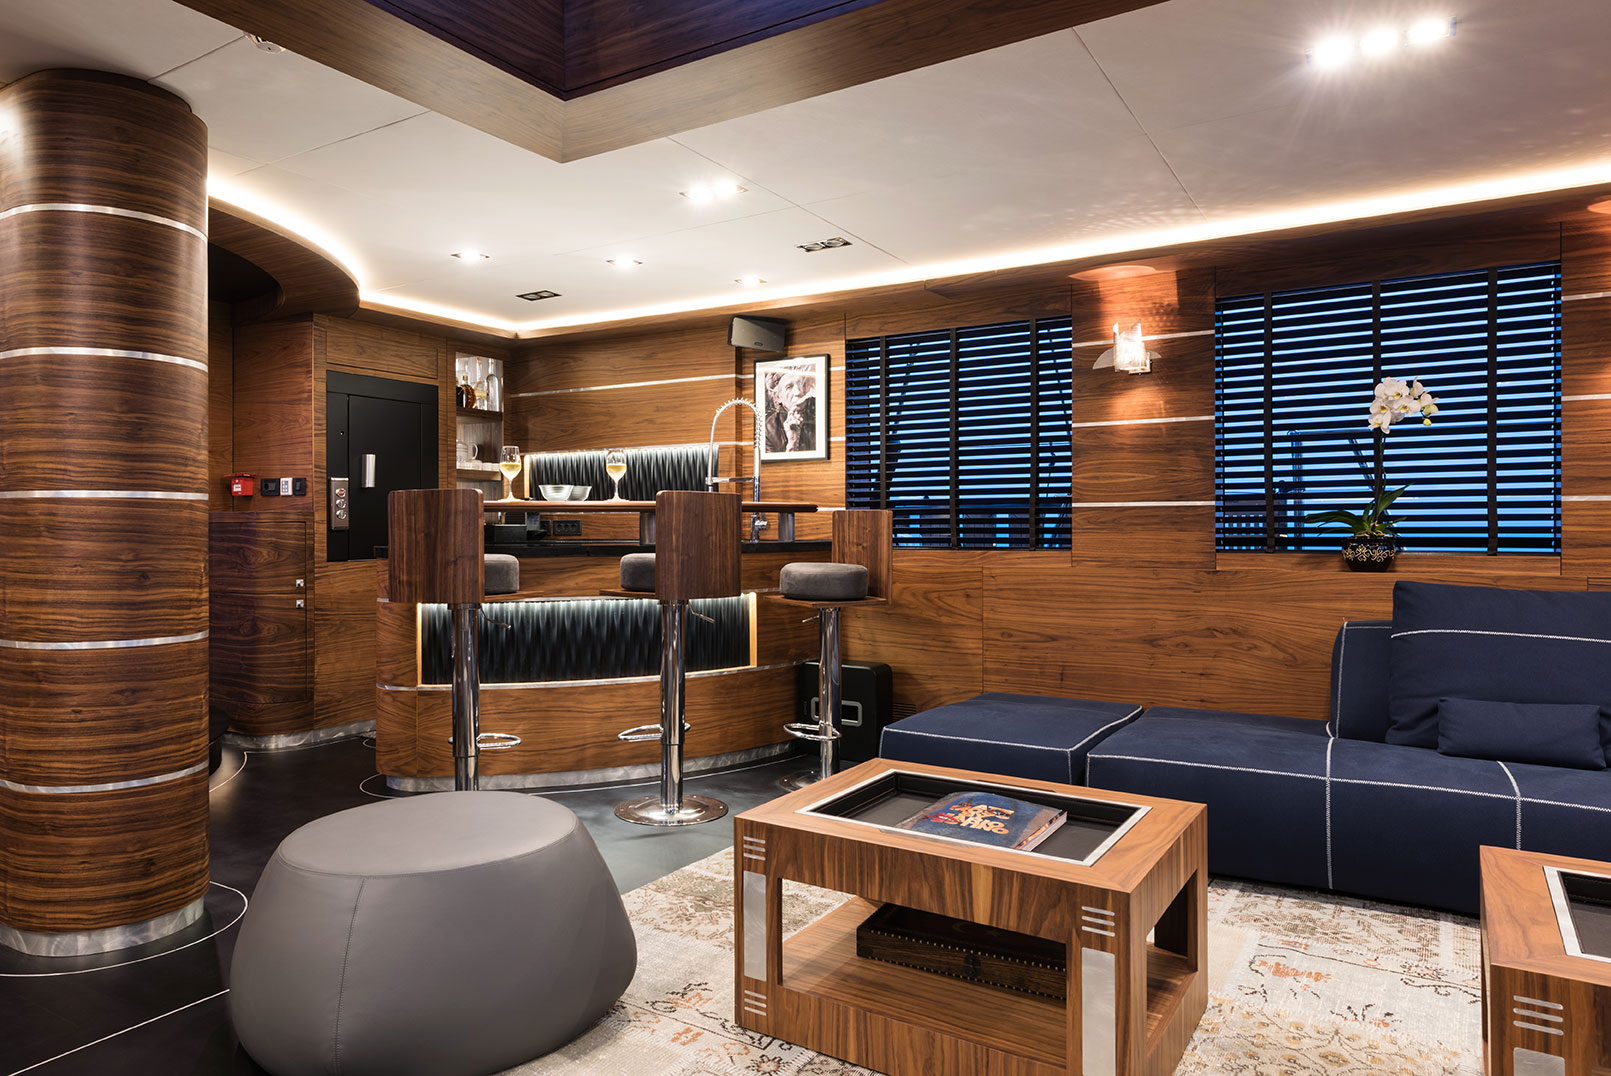 Salon With A Bar